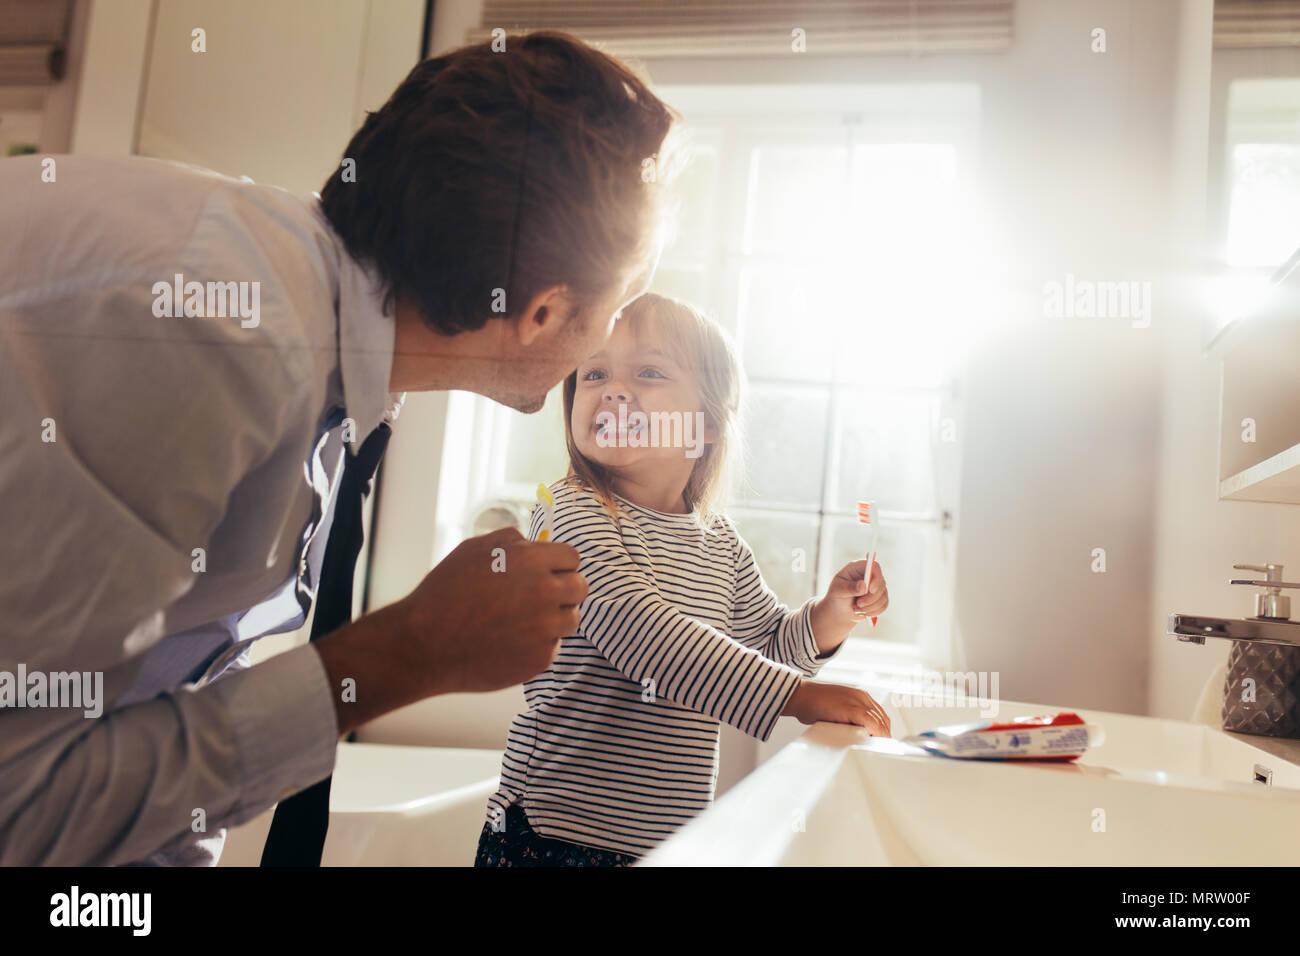 Padre e figlia spazzolare i denti in piedi in bagno e guardando ogni altro. L'uomo ad insegnare la sua figlia come spazzolare i denti. Immagini Stock